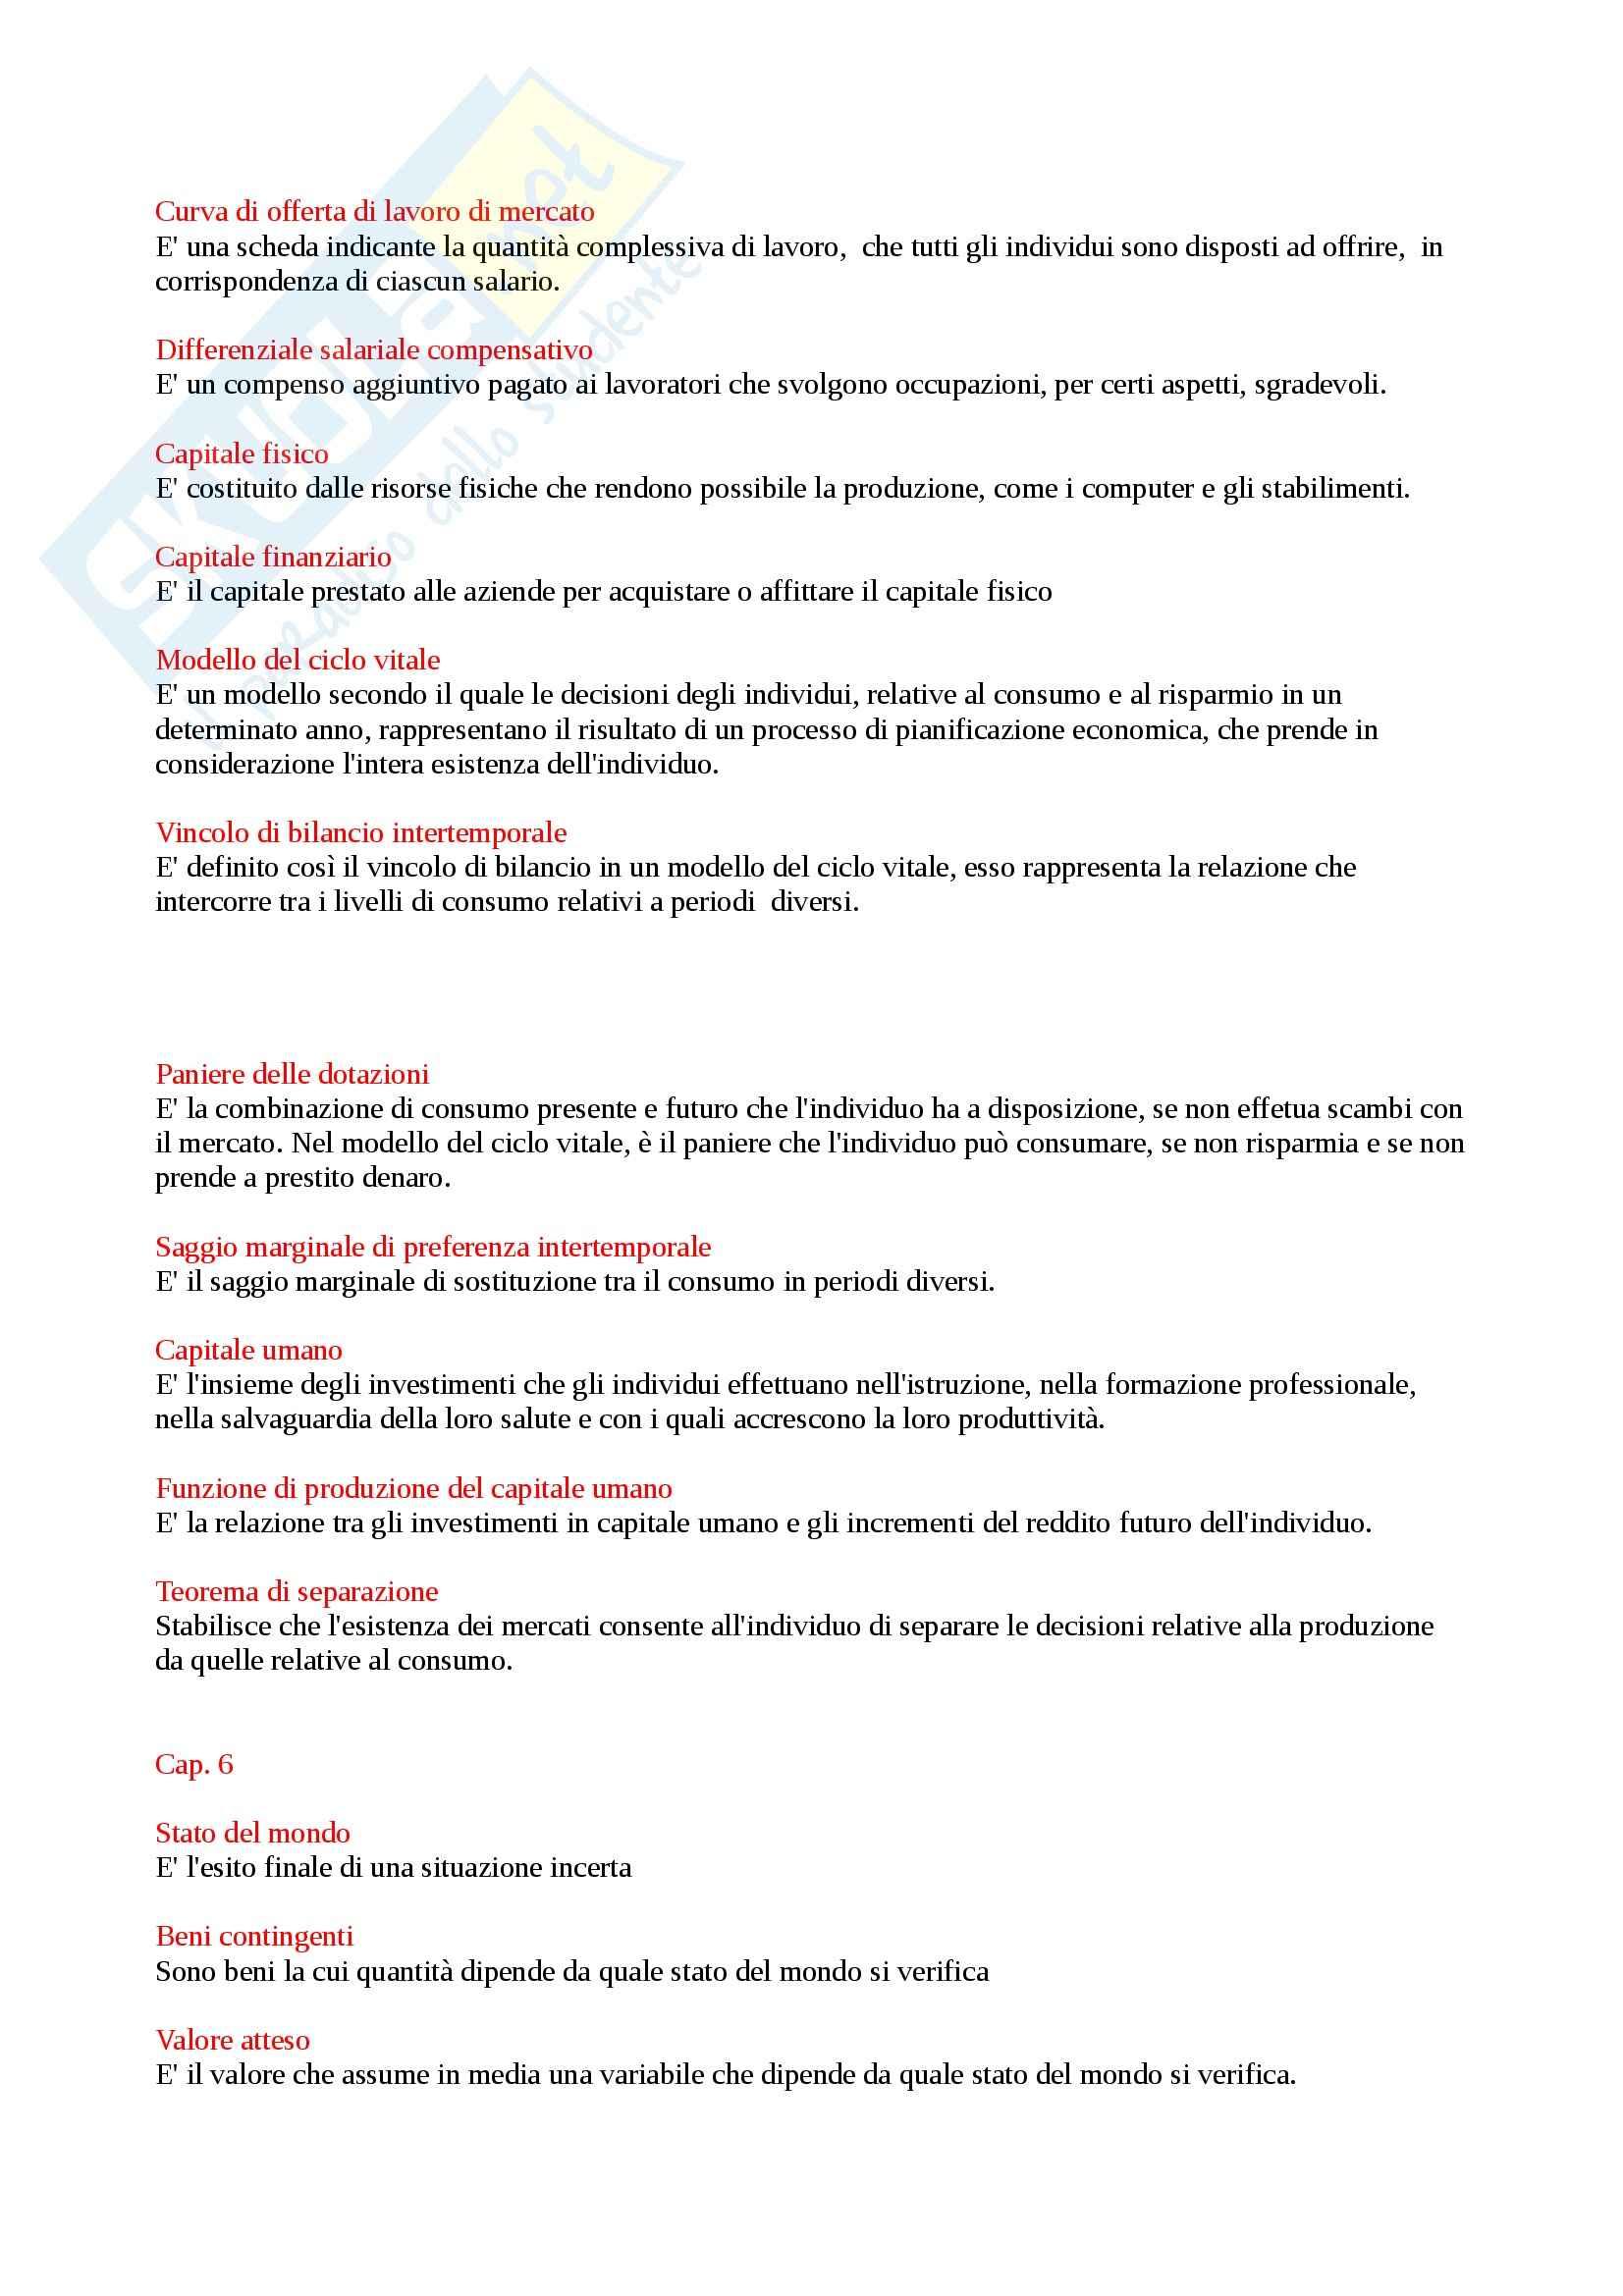 Riassunto esame Economia Politica: Microeconomia, prof. Beltrametti Pag. 6